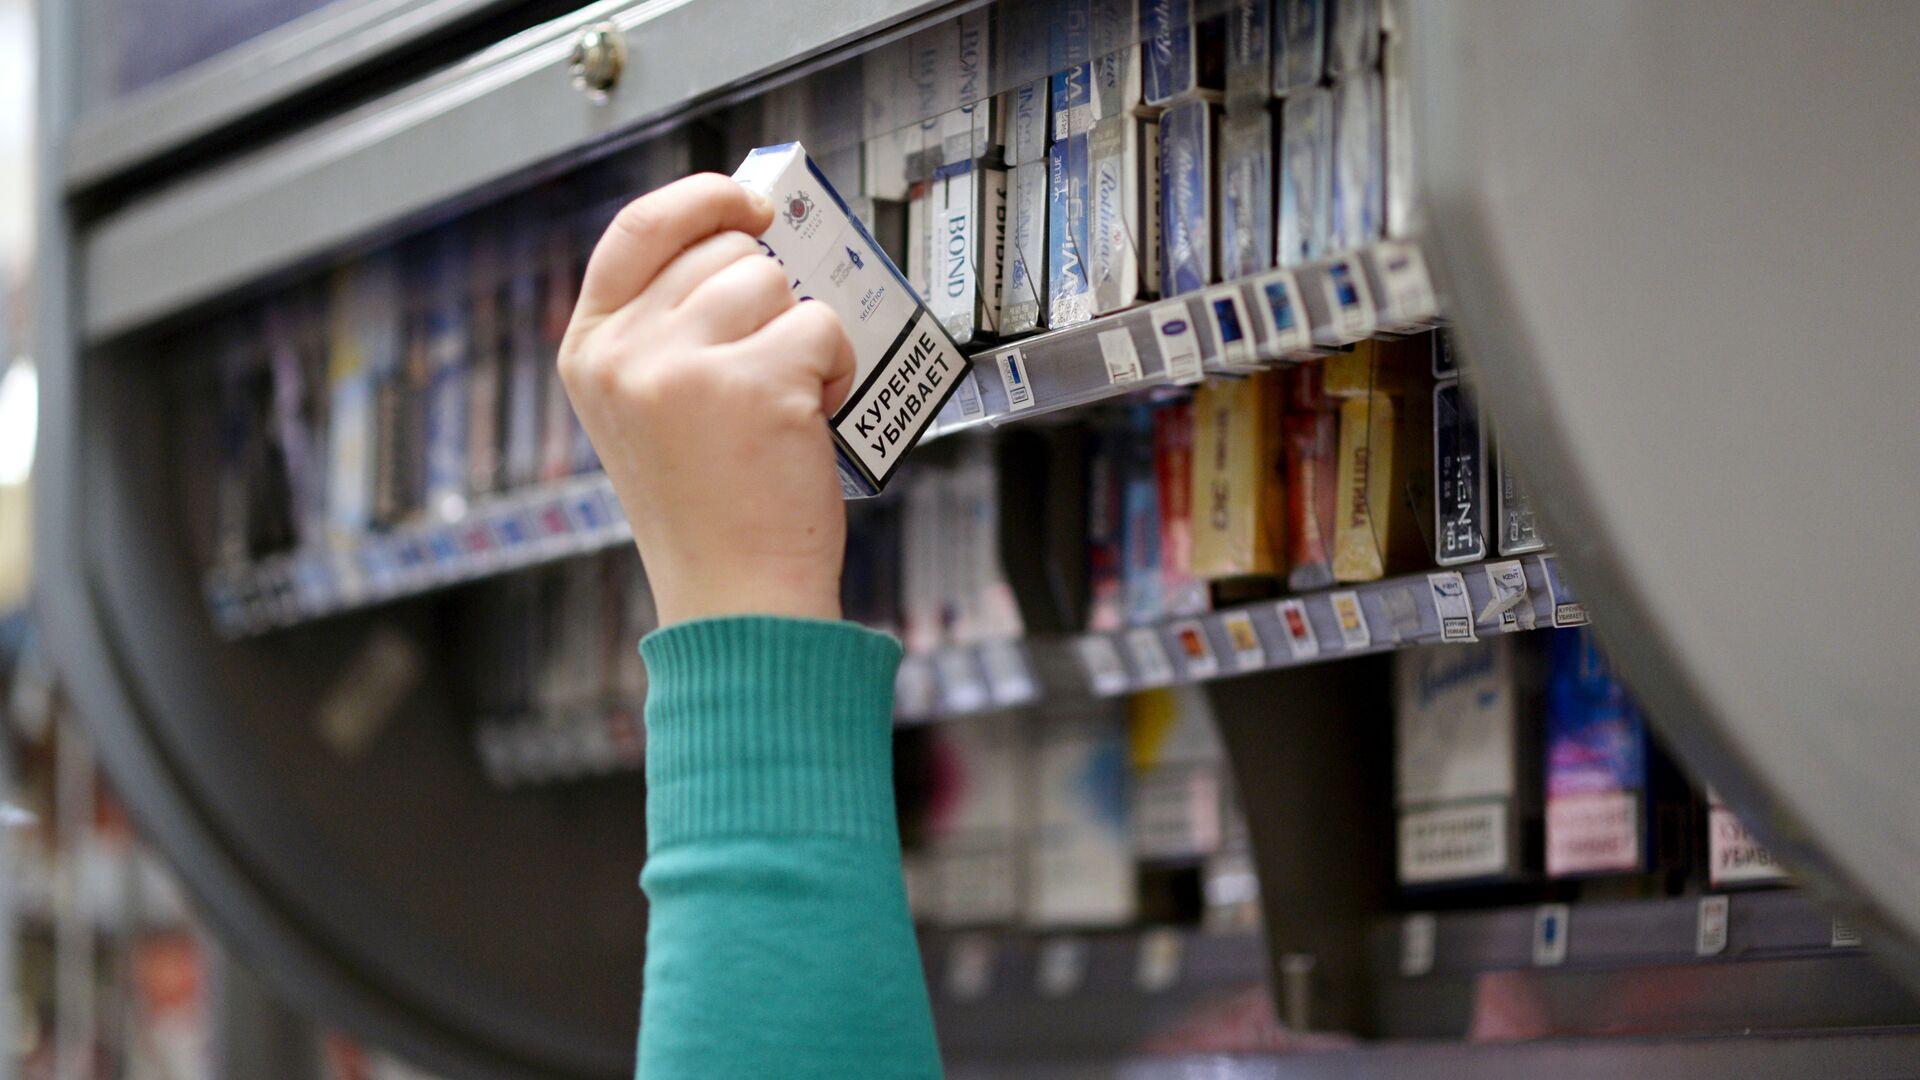 Закон о продаже табачных изделий в москве сигареты довер цена оптом